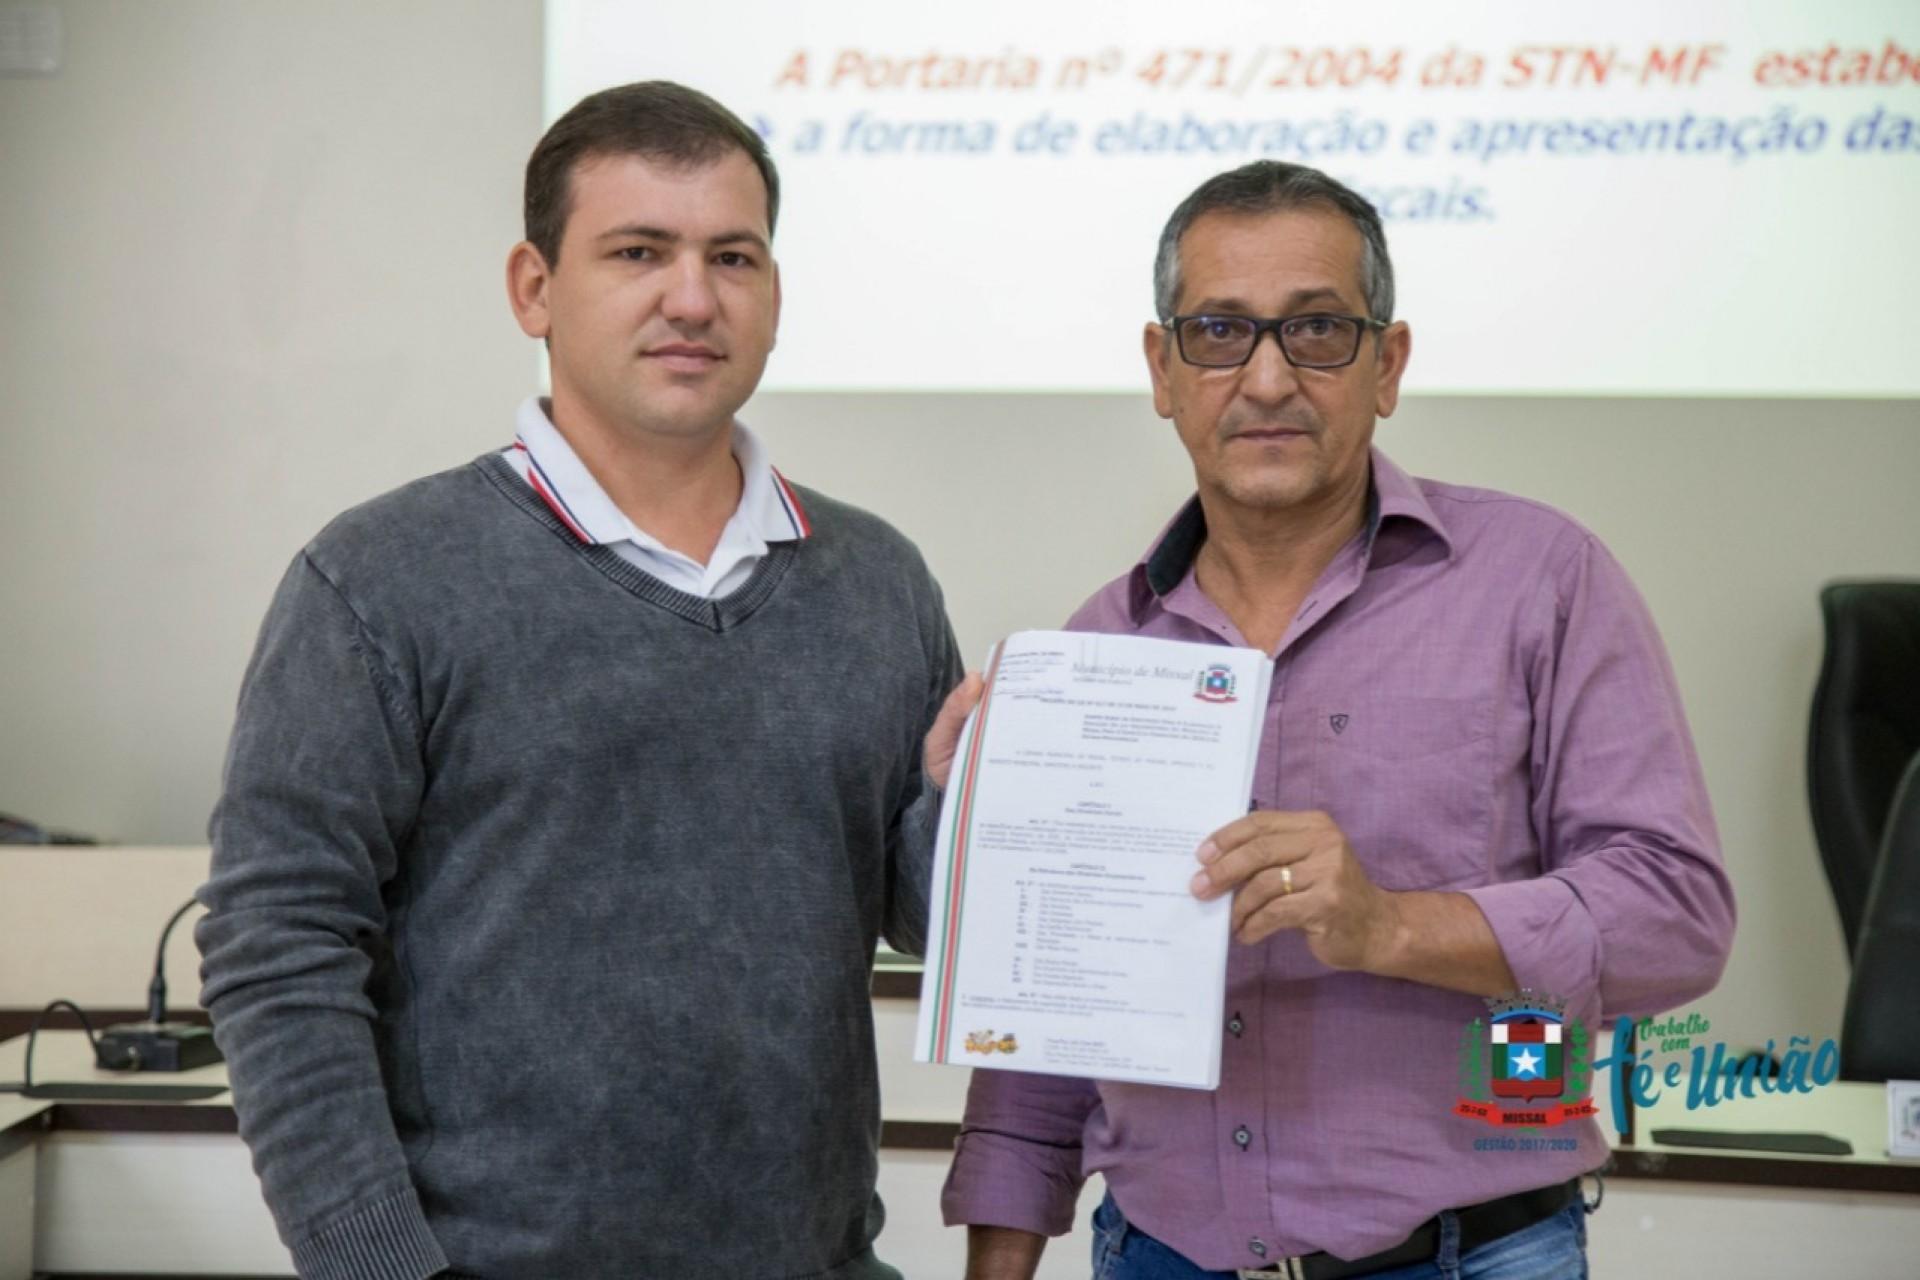 Administração Municipal de Missal entrega e apresenta o projeto da LDO em Audiência Pública